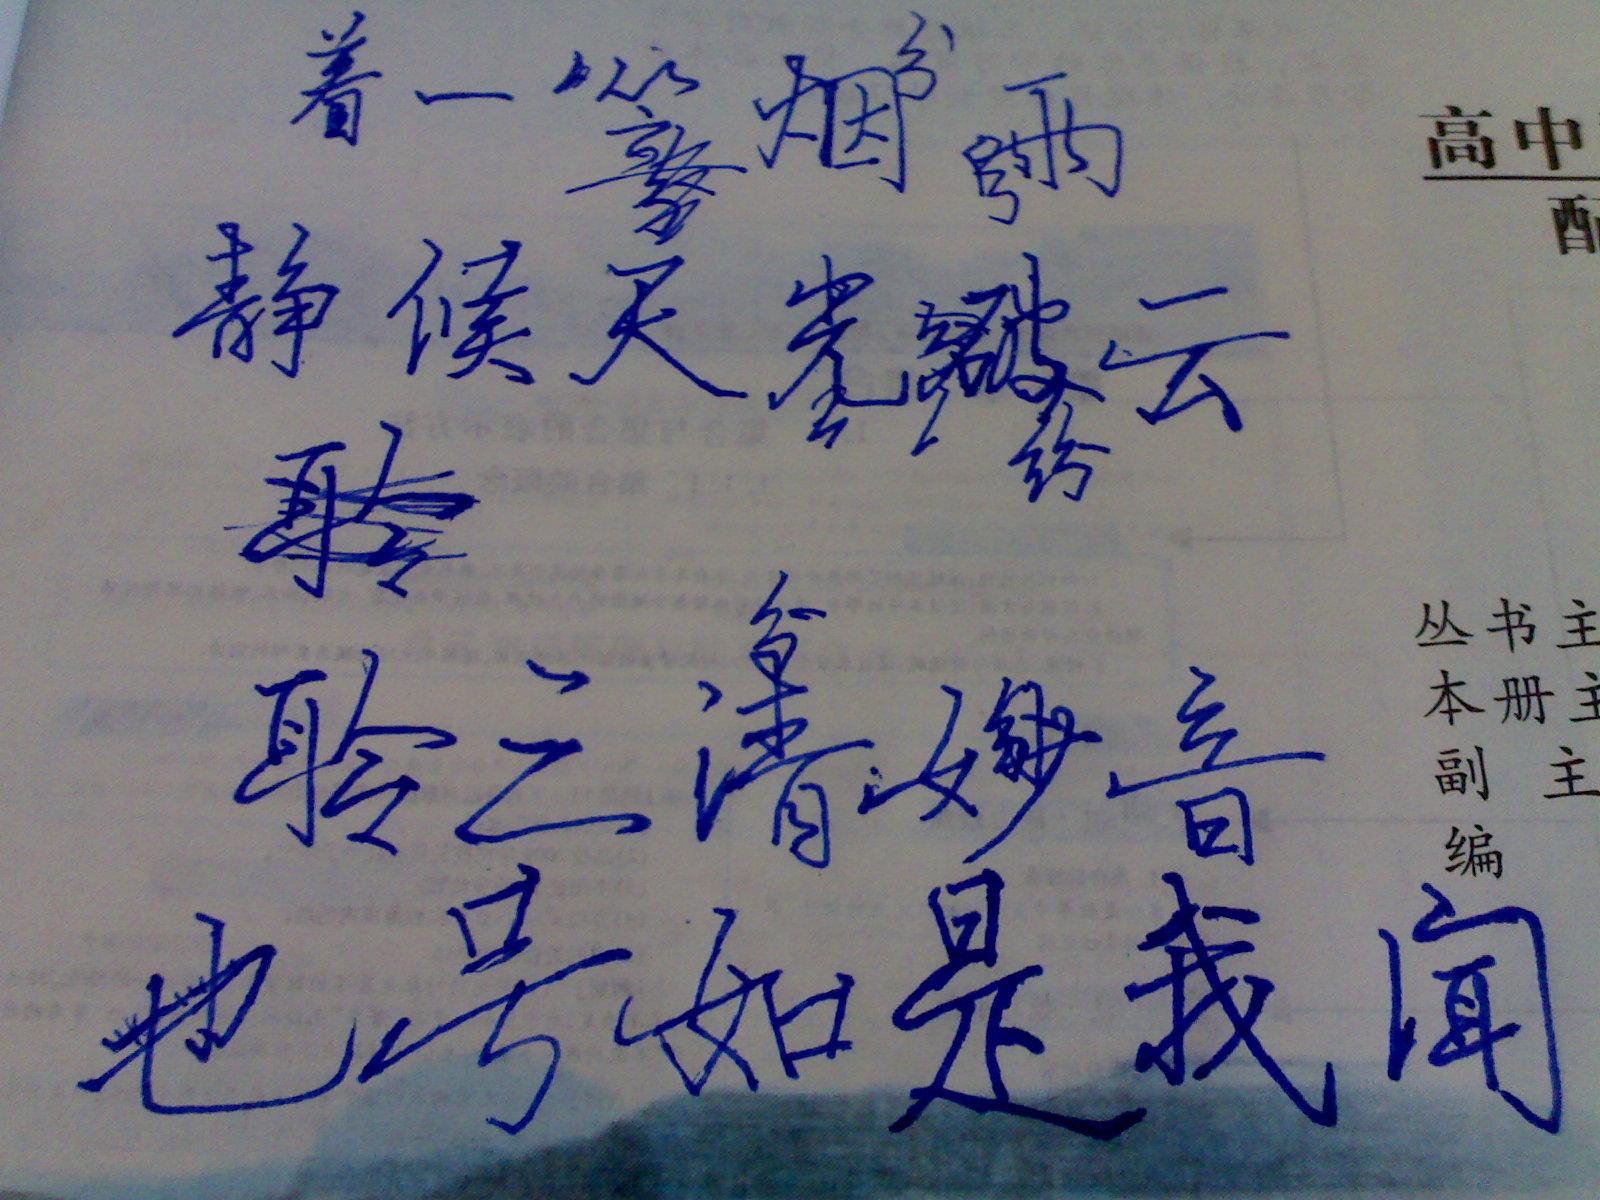 华文行楷字体书法图片大全 书法家行楷字体下载图片